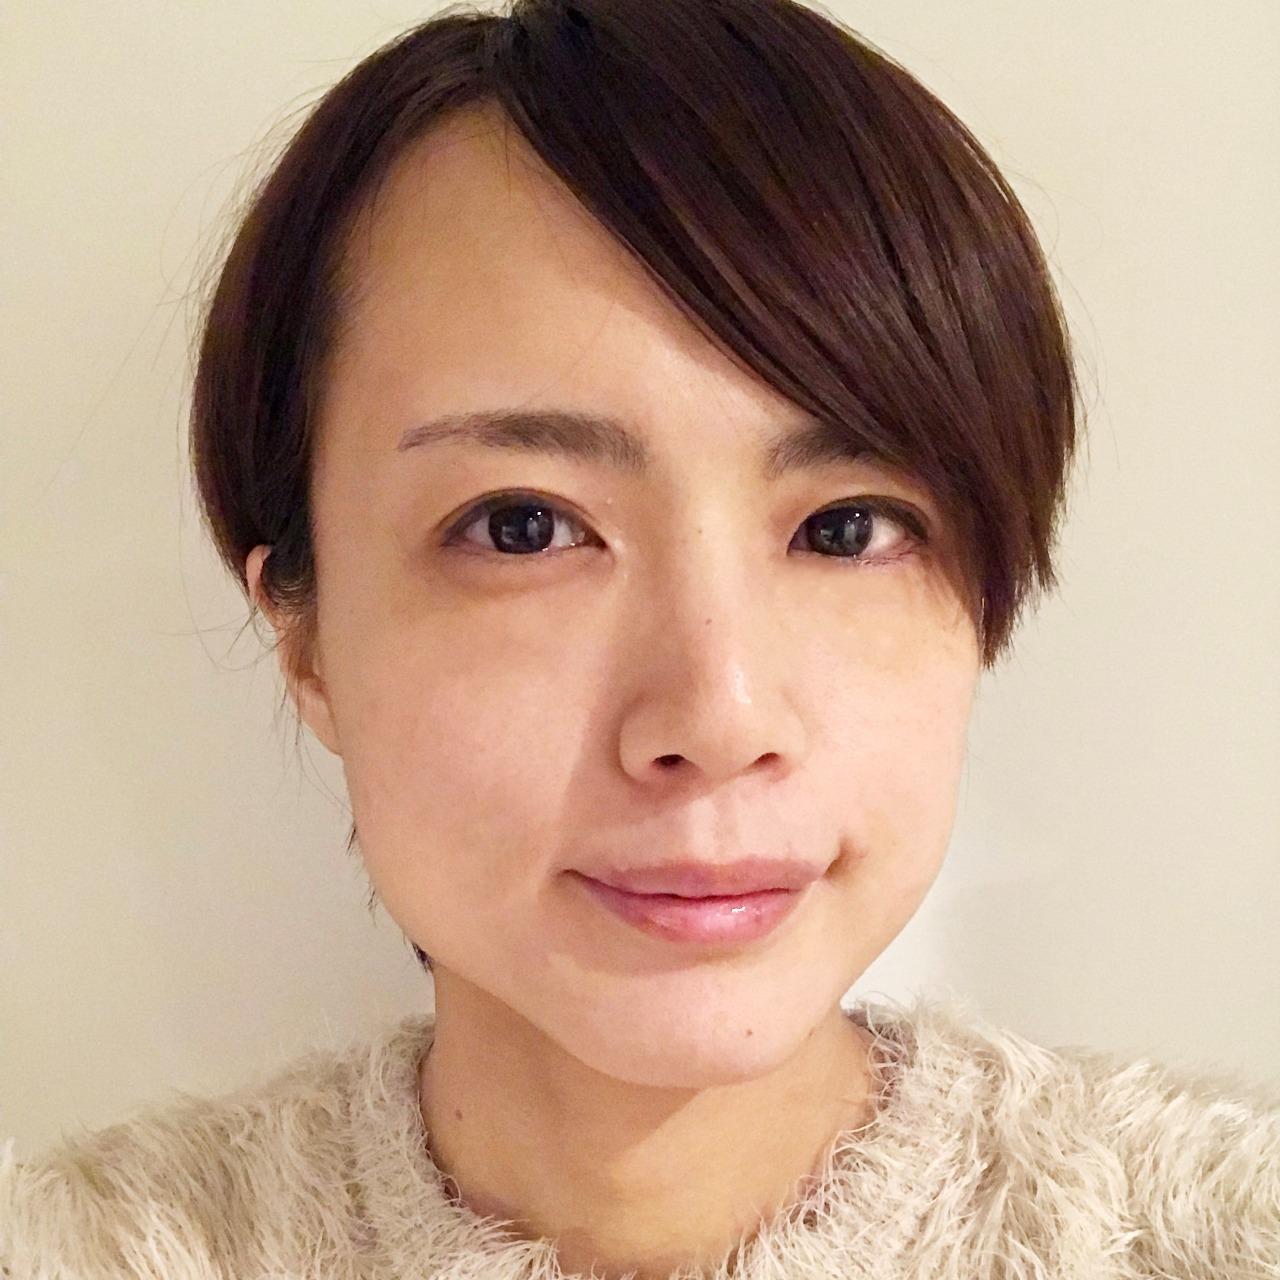 marry(マリー)先生は、婚活もできる占い館BCAFE(ビーカフェ)渋谷店で火曜日を担当しています。